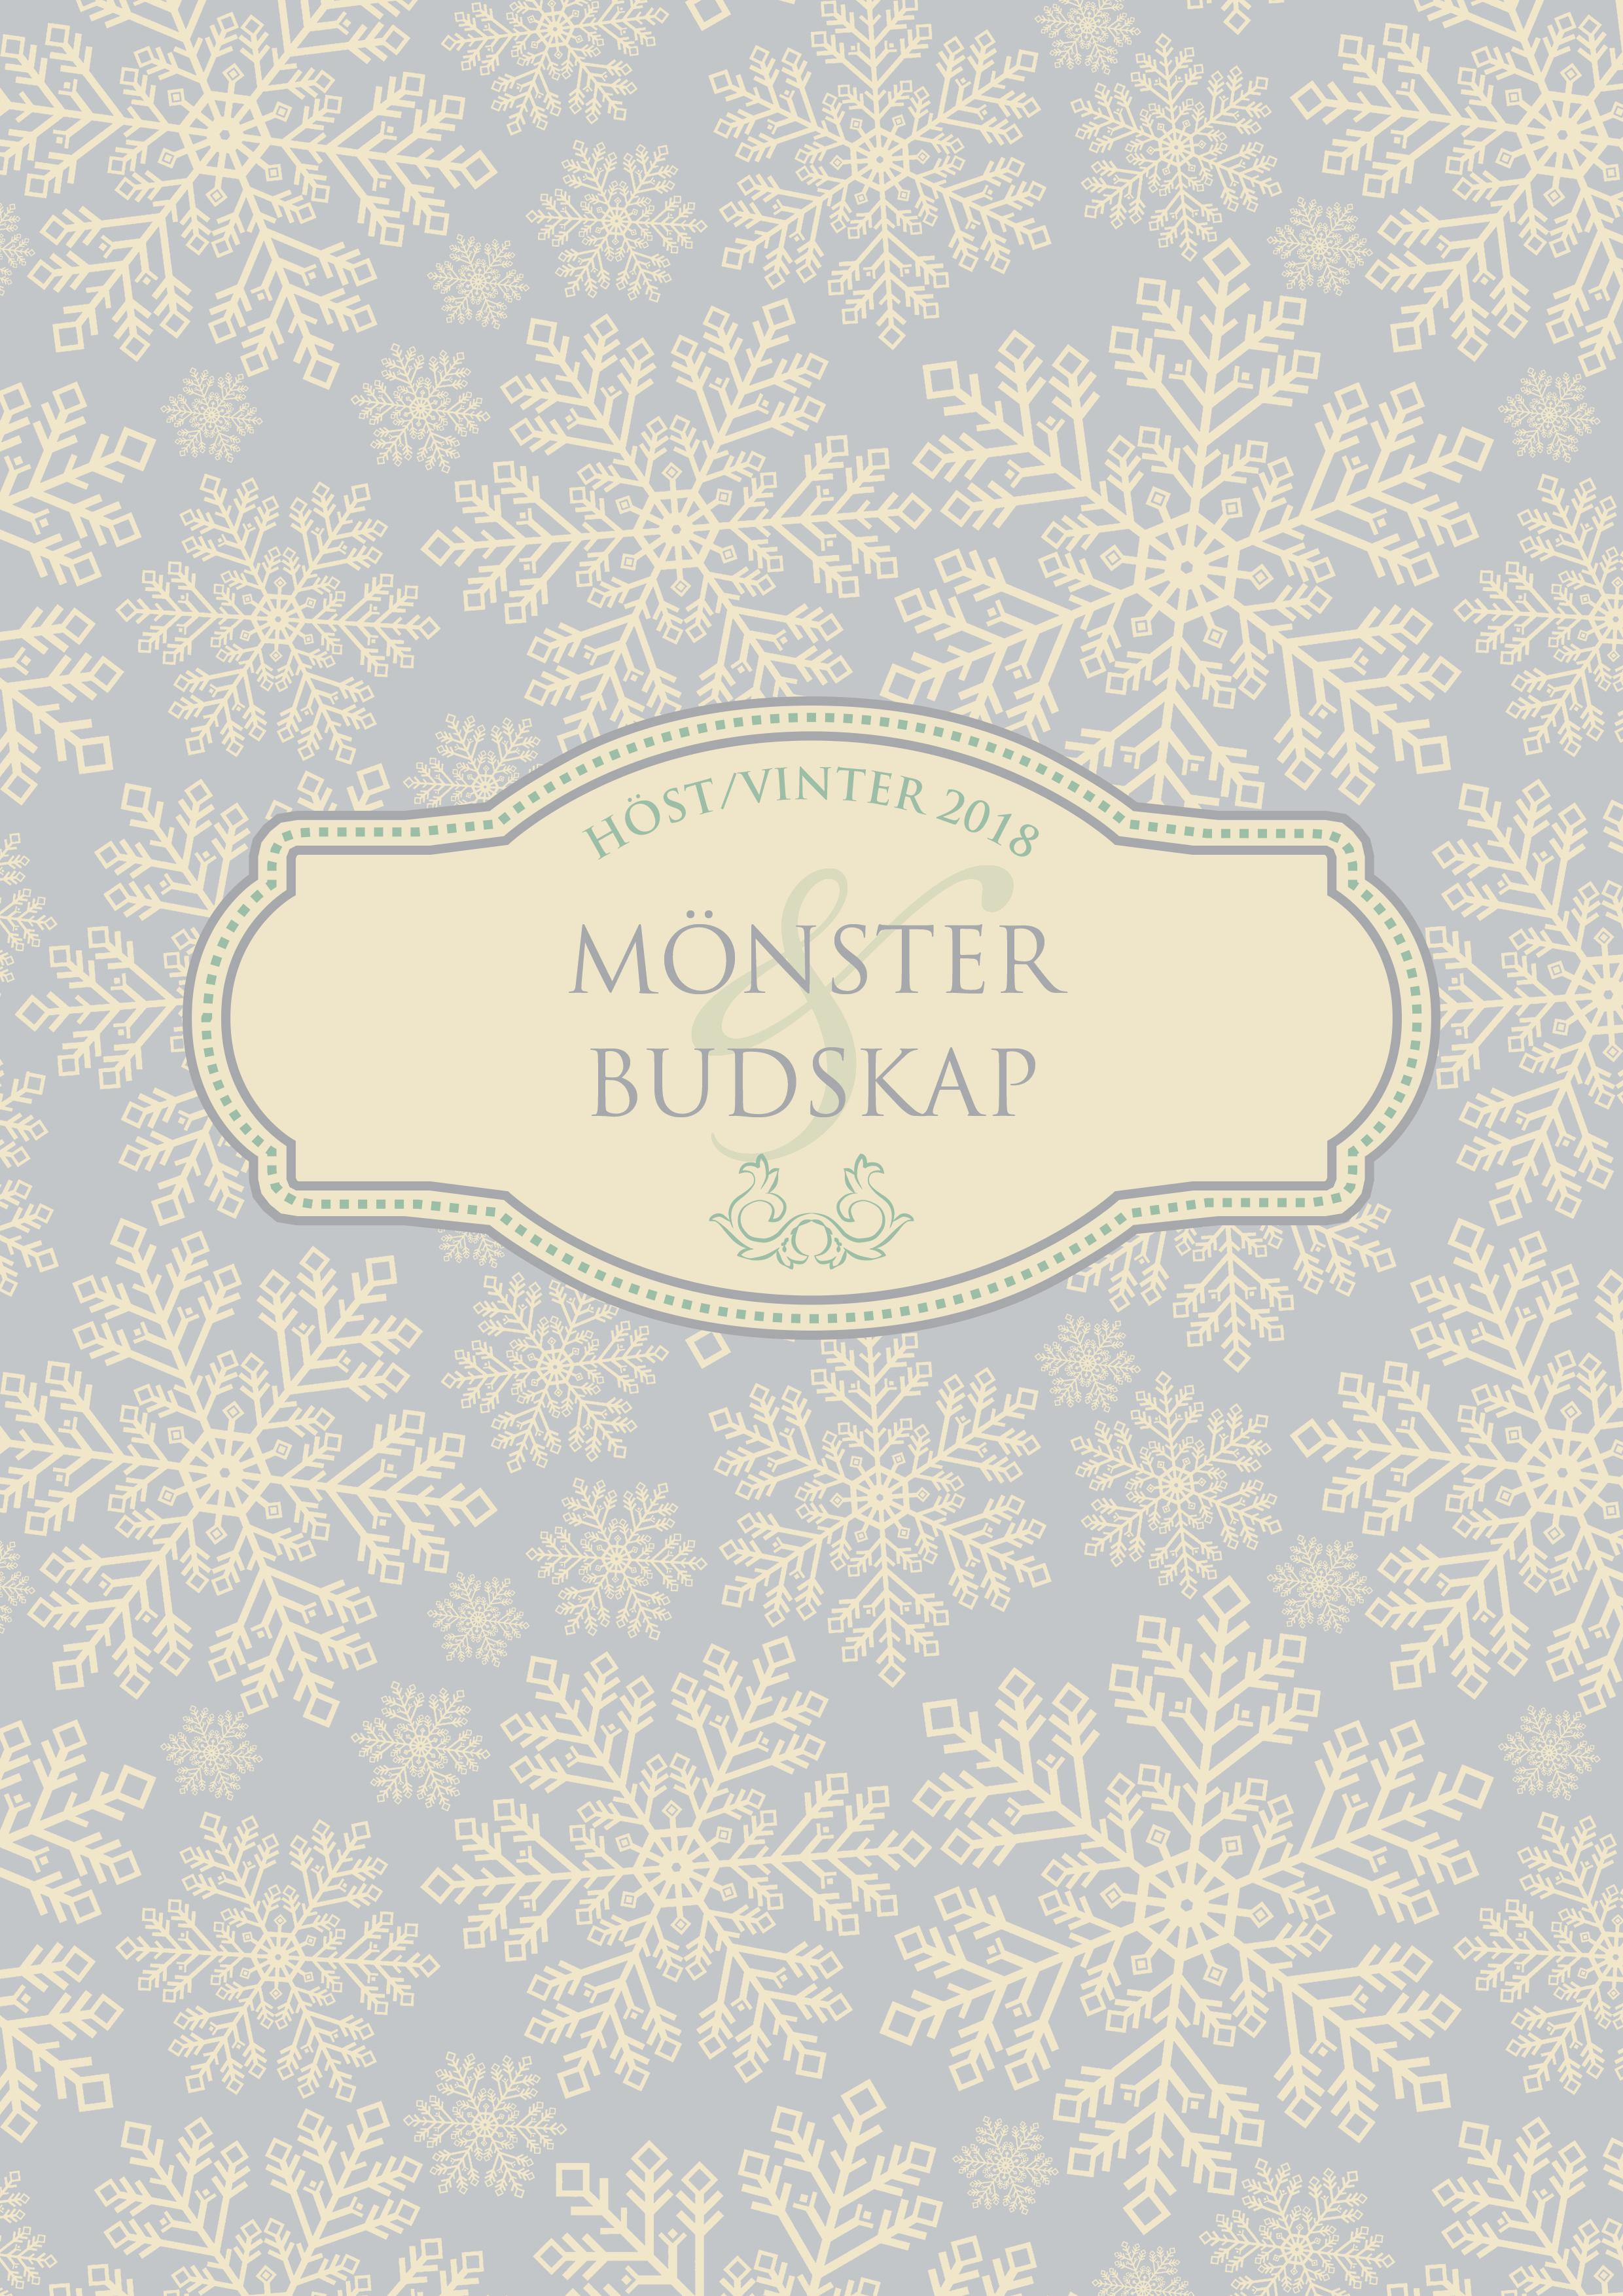 Mönster & Budskap 2018